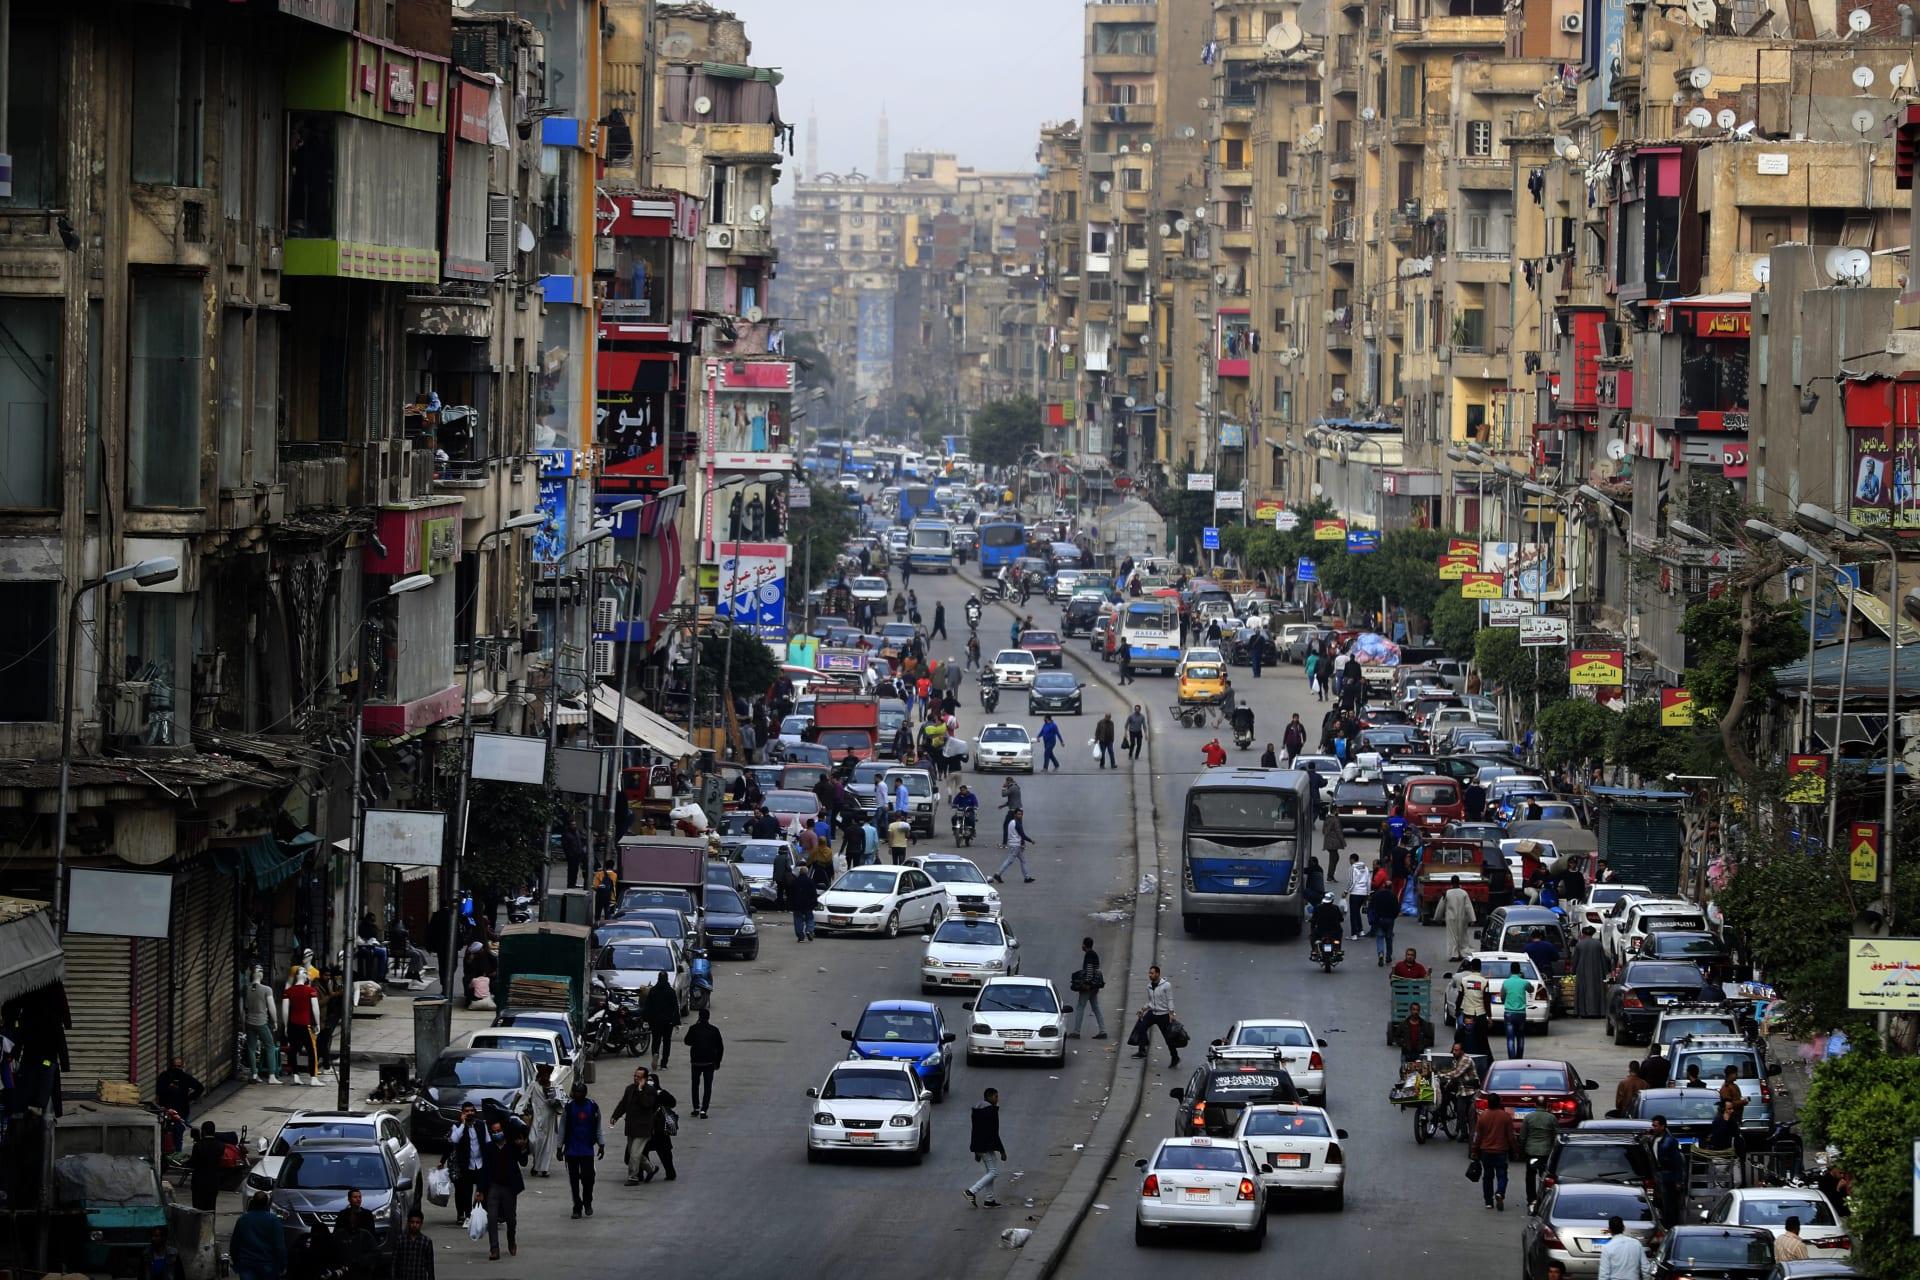 صورة أرشيفية لحركة السيارات والمارة في شارع قصر العيني وسط العاصمة المصرية، 25 مارس 2020